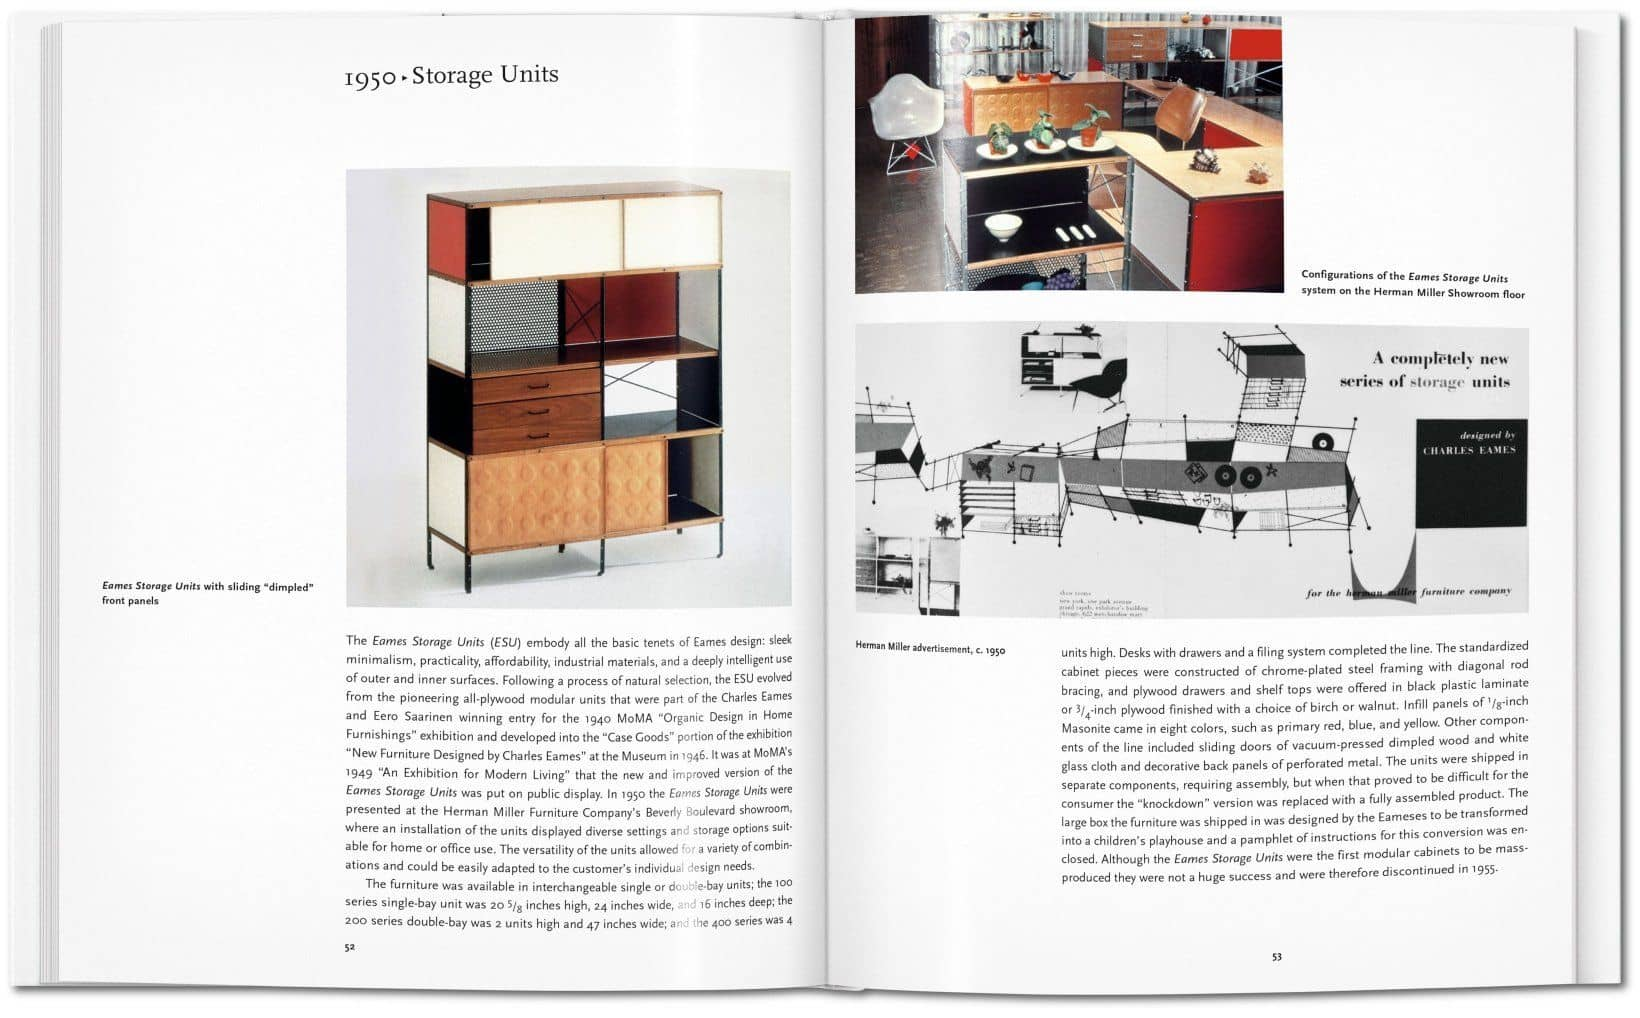 volta_taschen_Eames_book_5